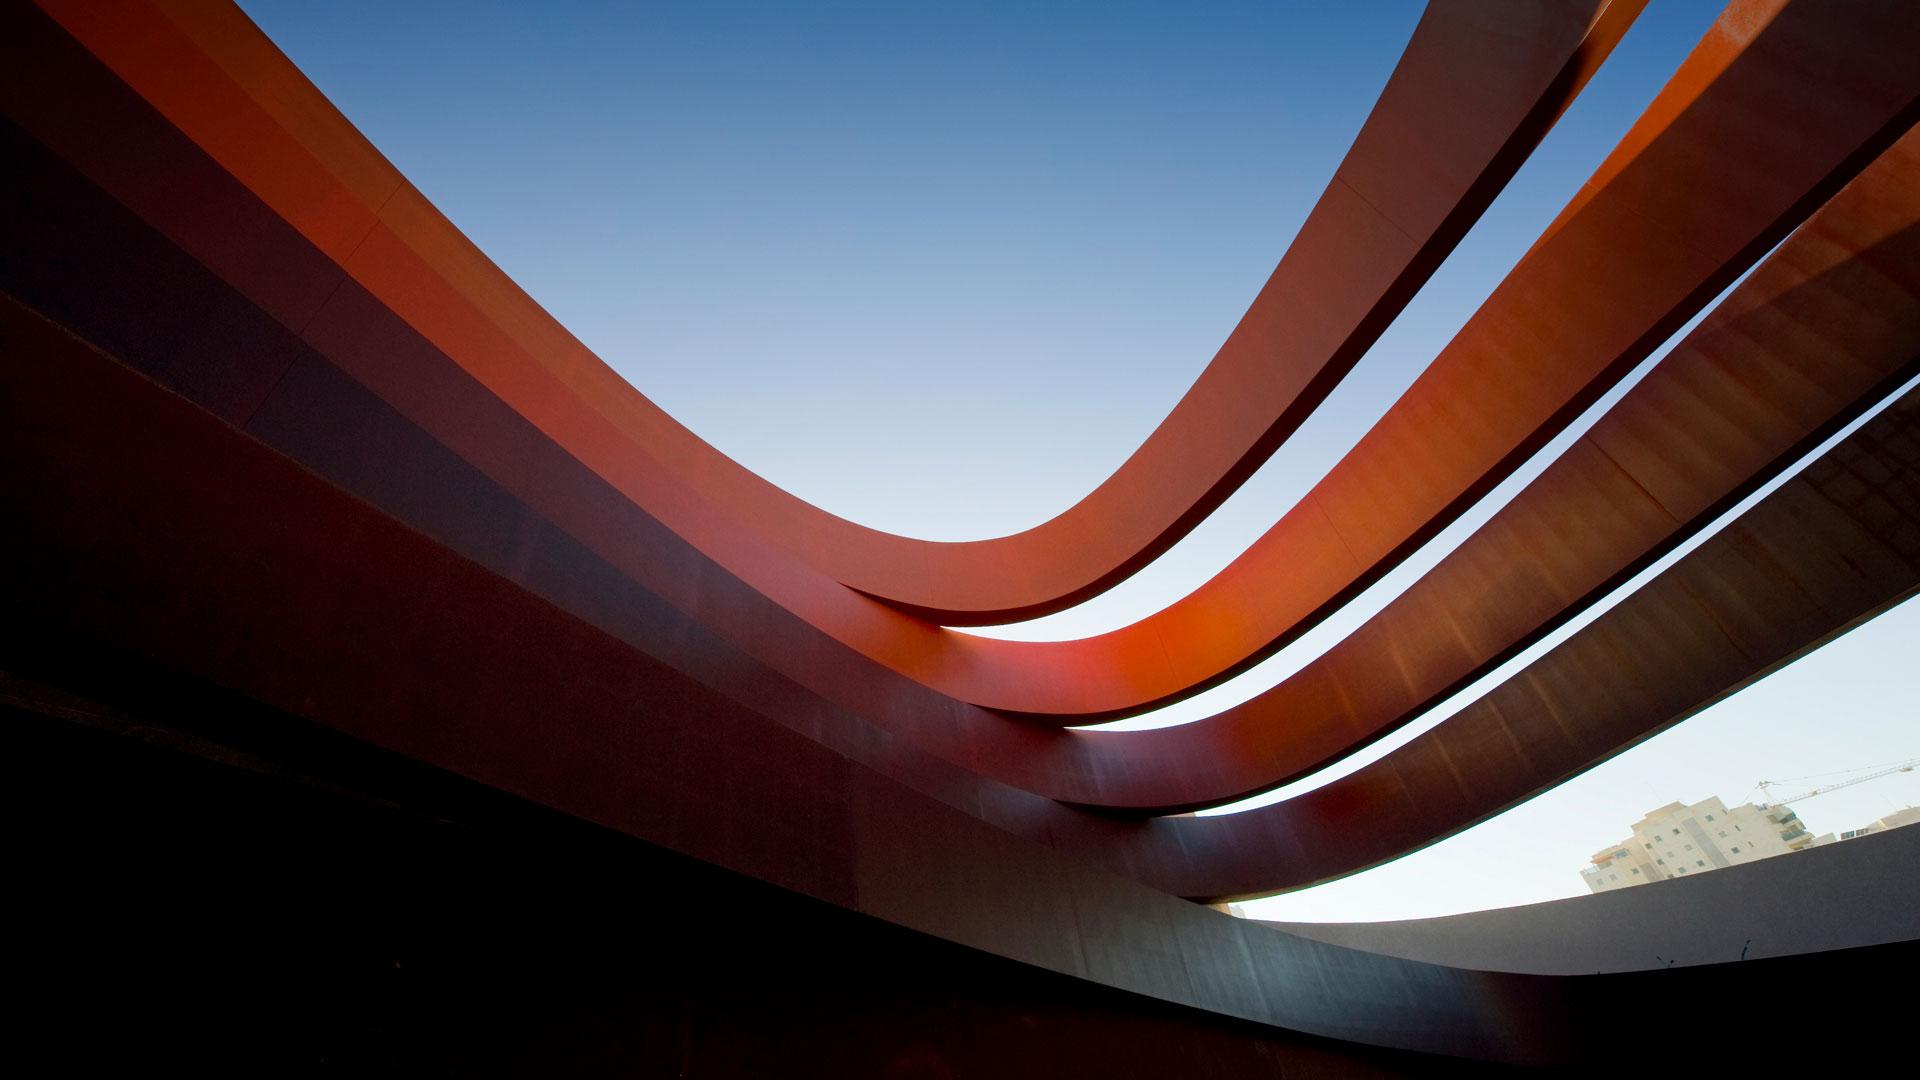 Holon Tasarım Müzesi'nde COR-TEN®